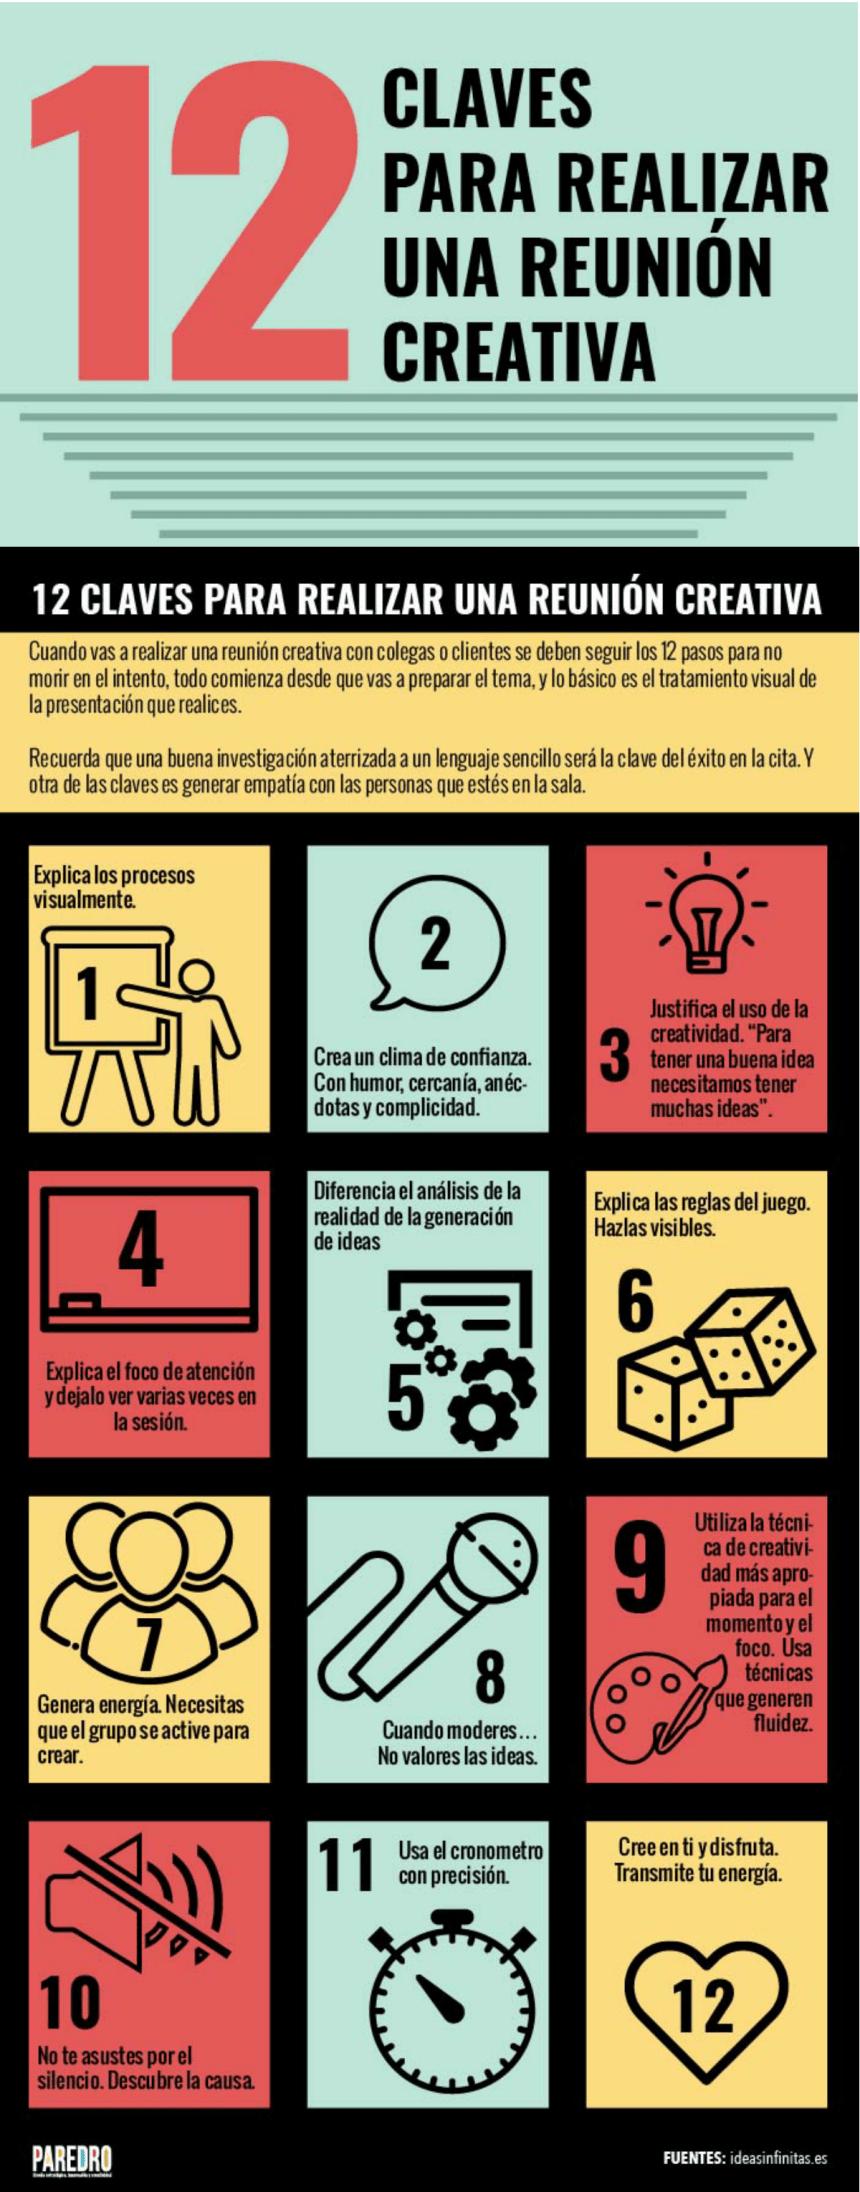 12 claves para realizar una reunión creativa